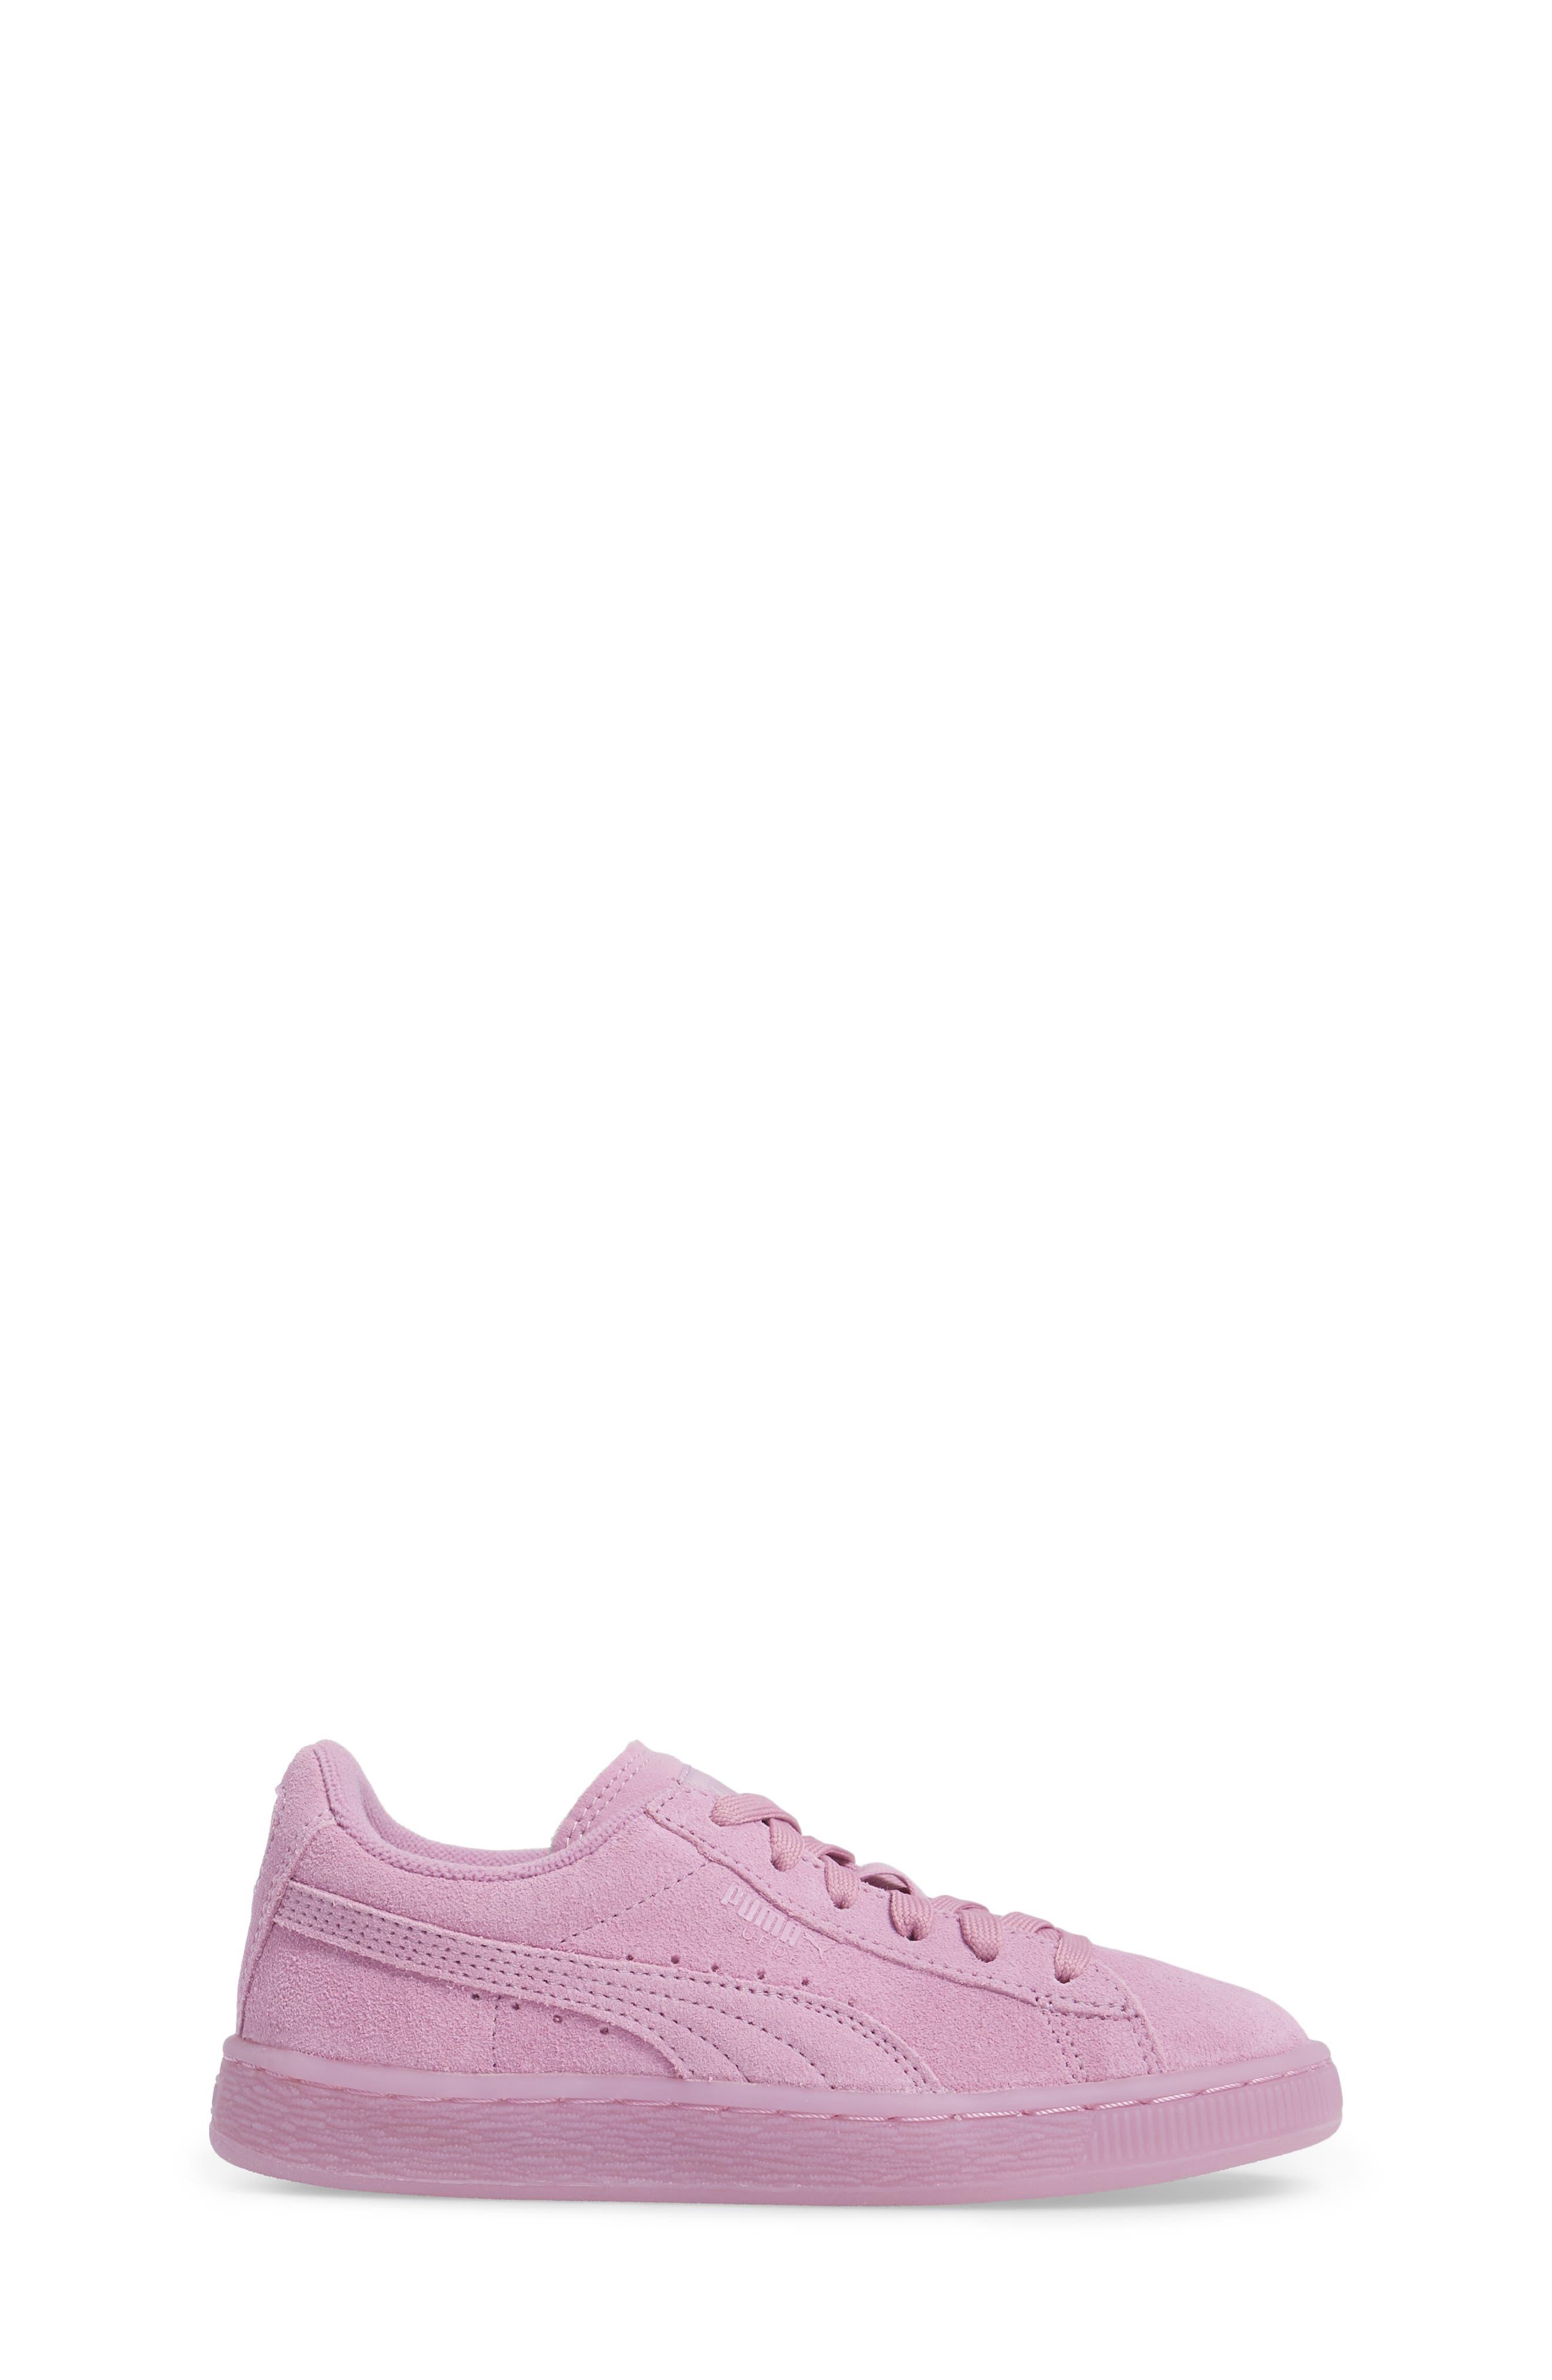 Iced Sneaker,                             Alternate thumbnail 3, color,                             500